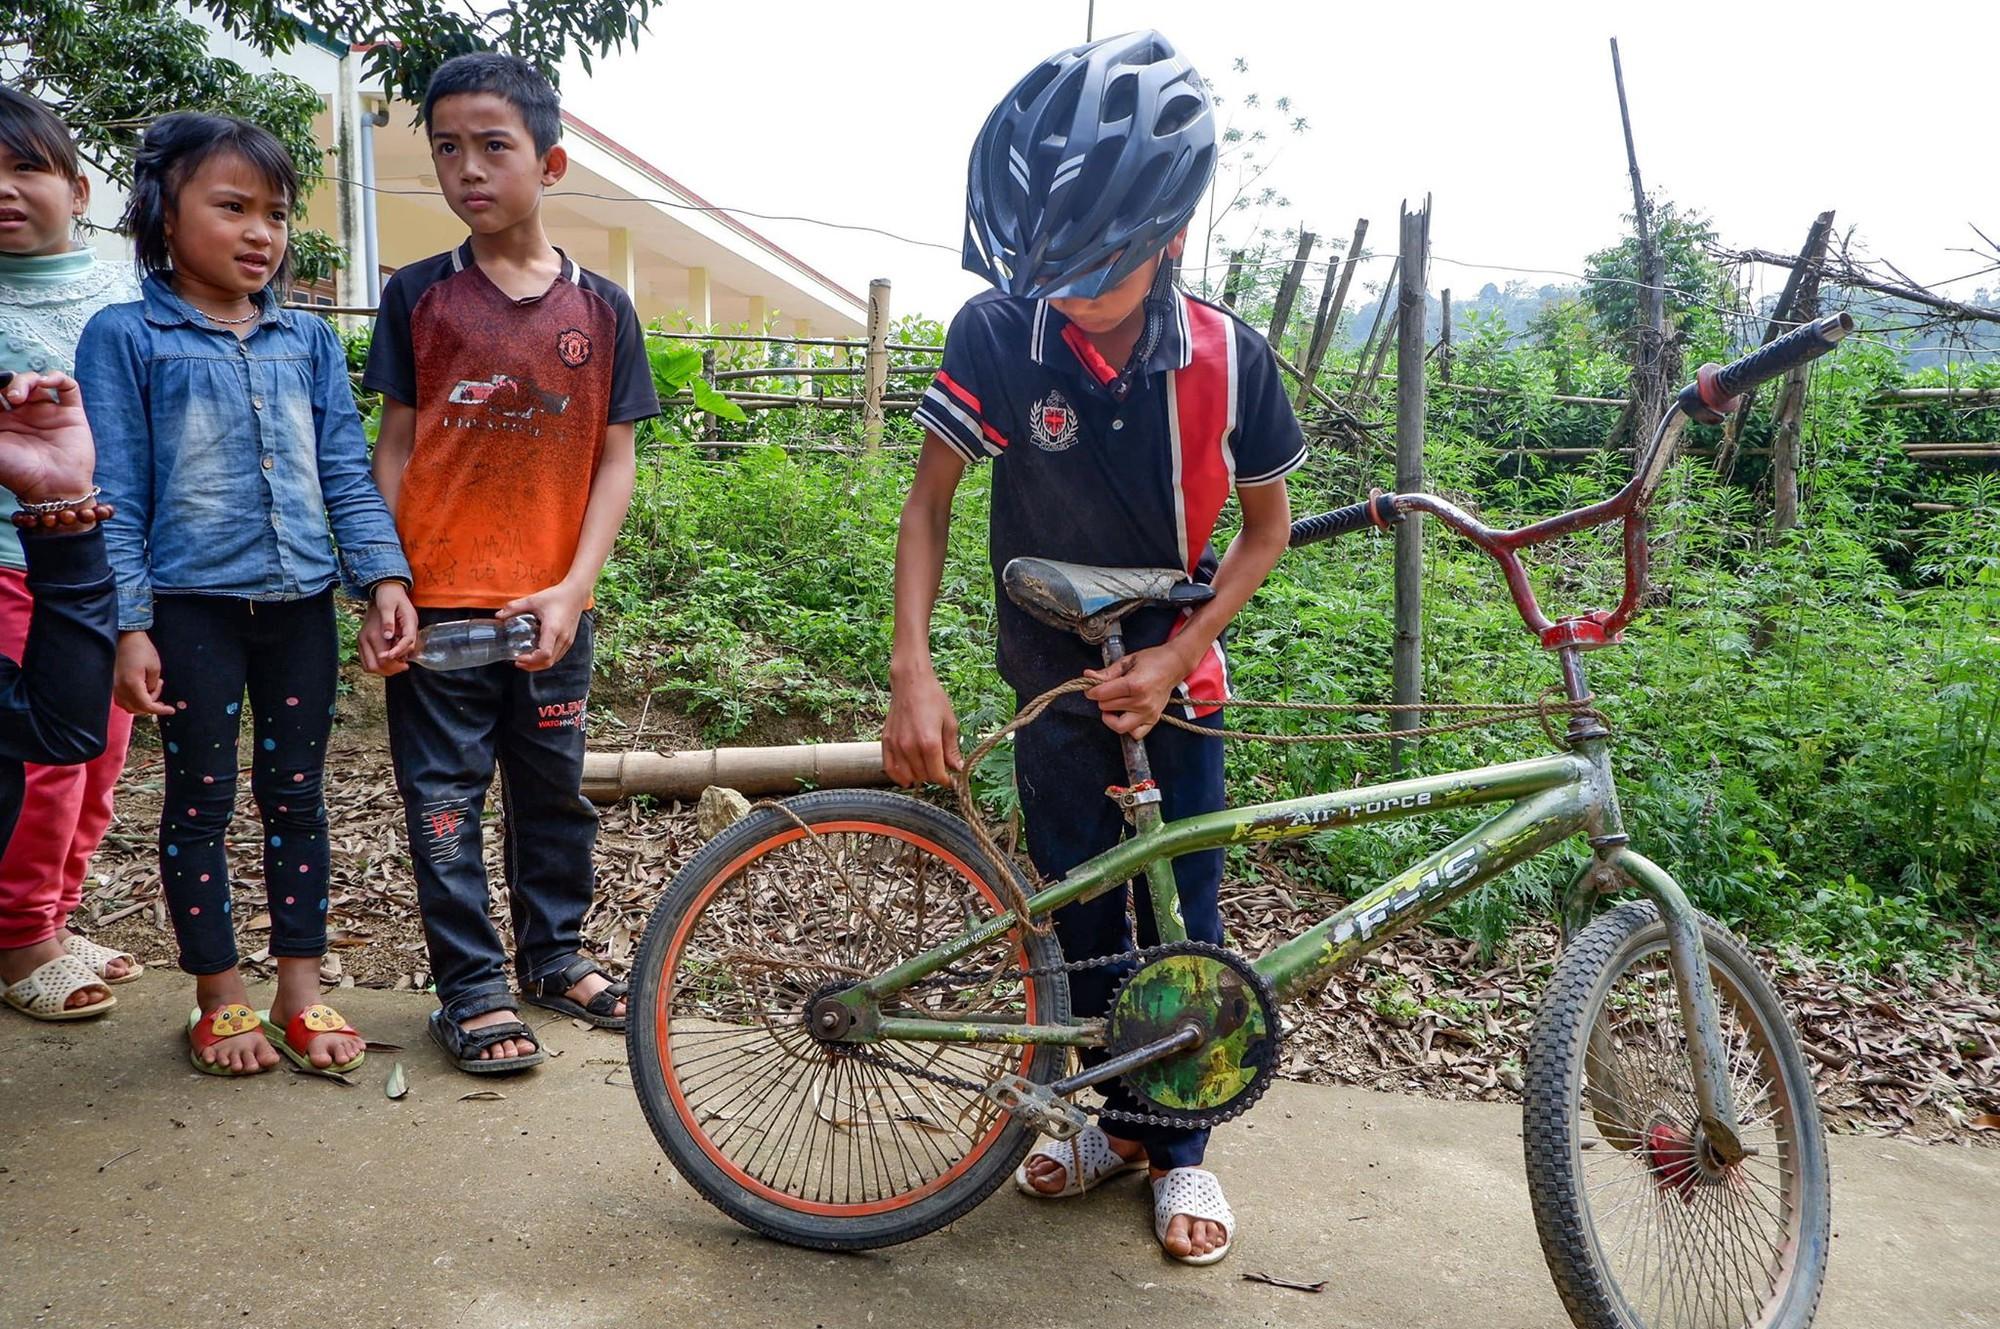 Kết thúc phiên đấu giá, chiếc xe đạp và đôi dép rách của Vì Quyết